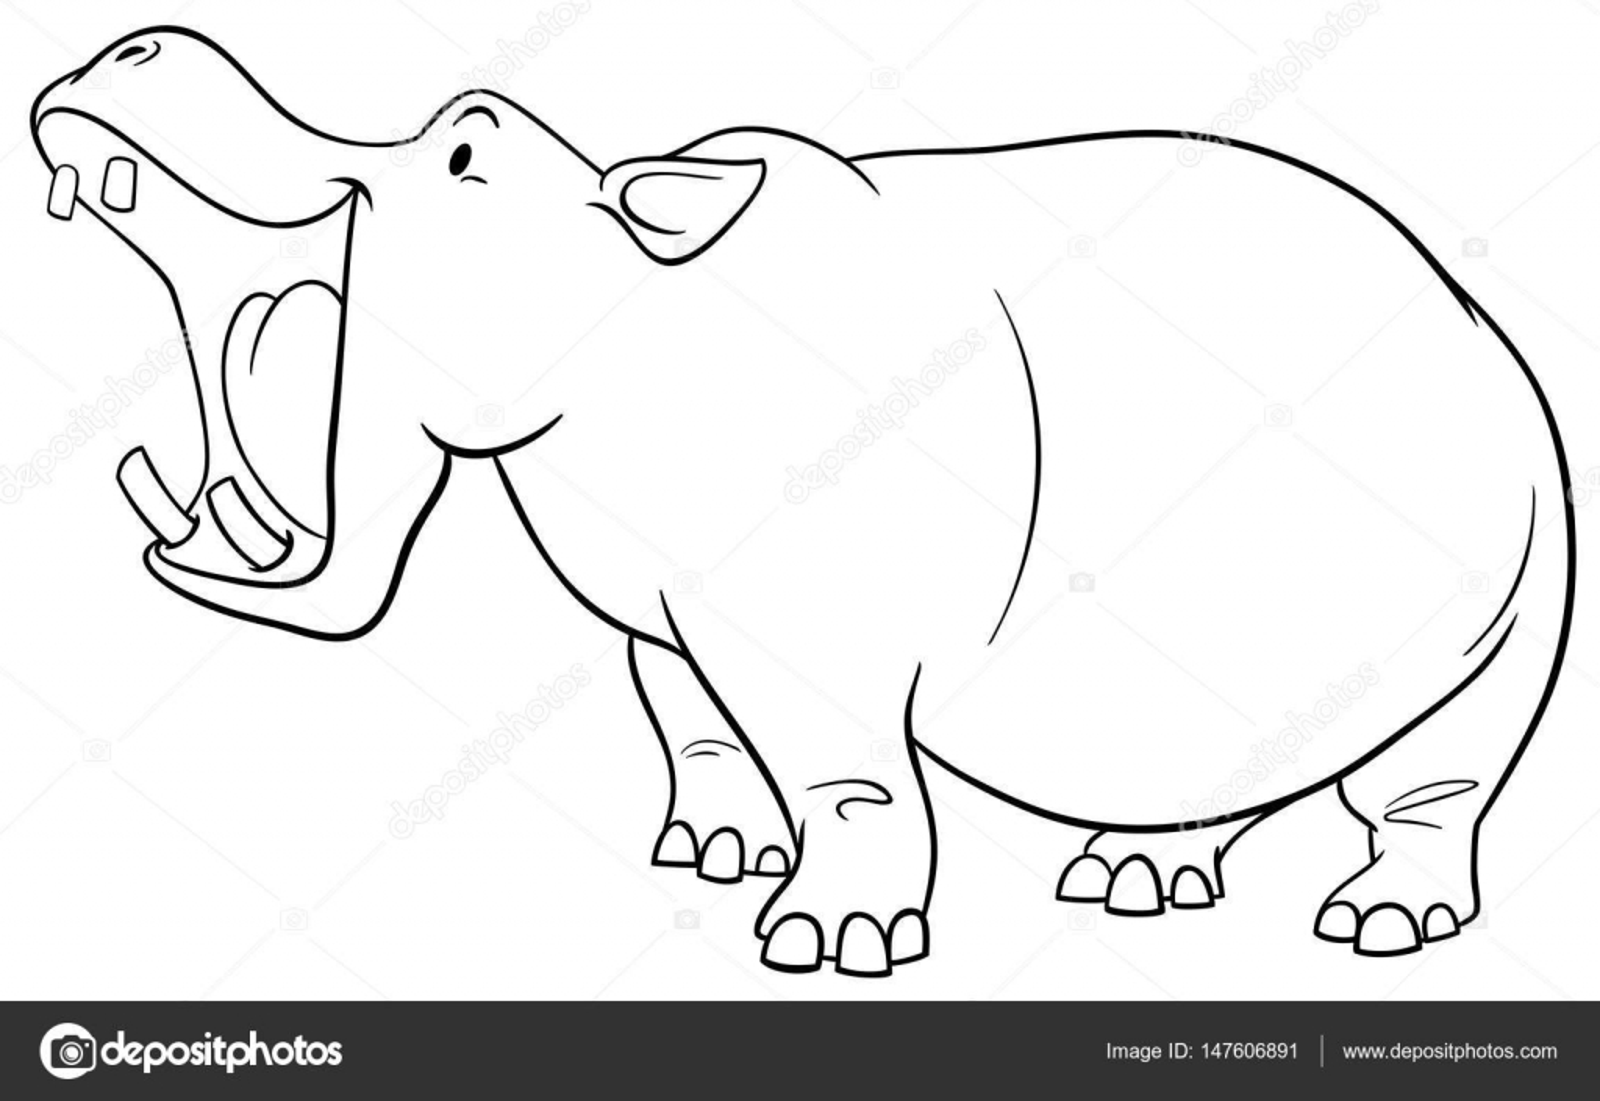 Vectorizado: hipopotamo | Página para colorear de hipopótamo ...